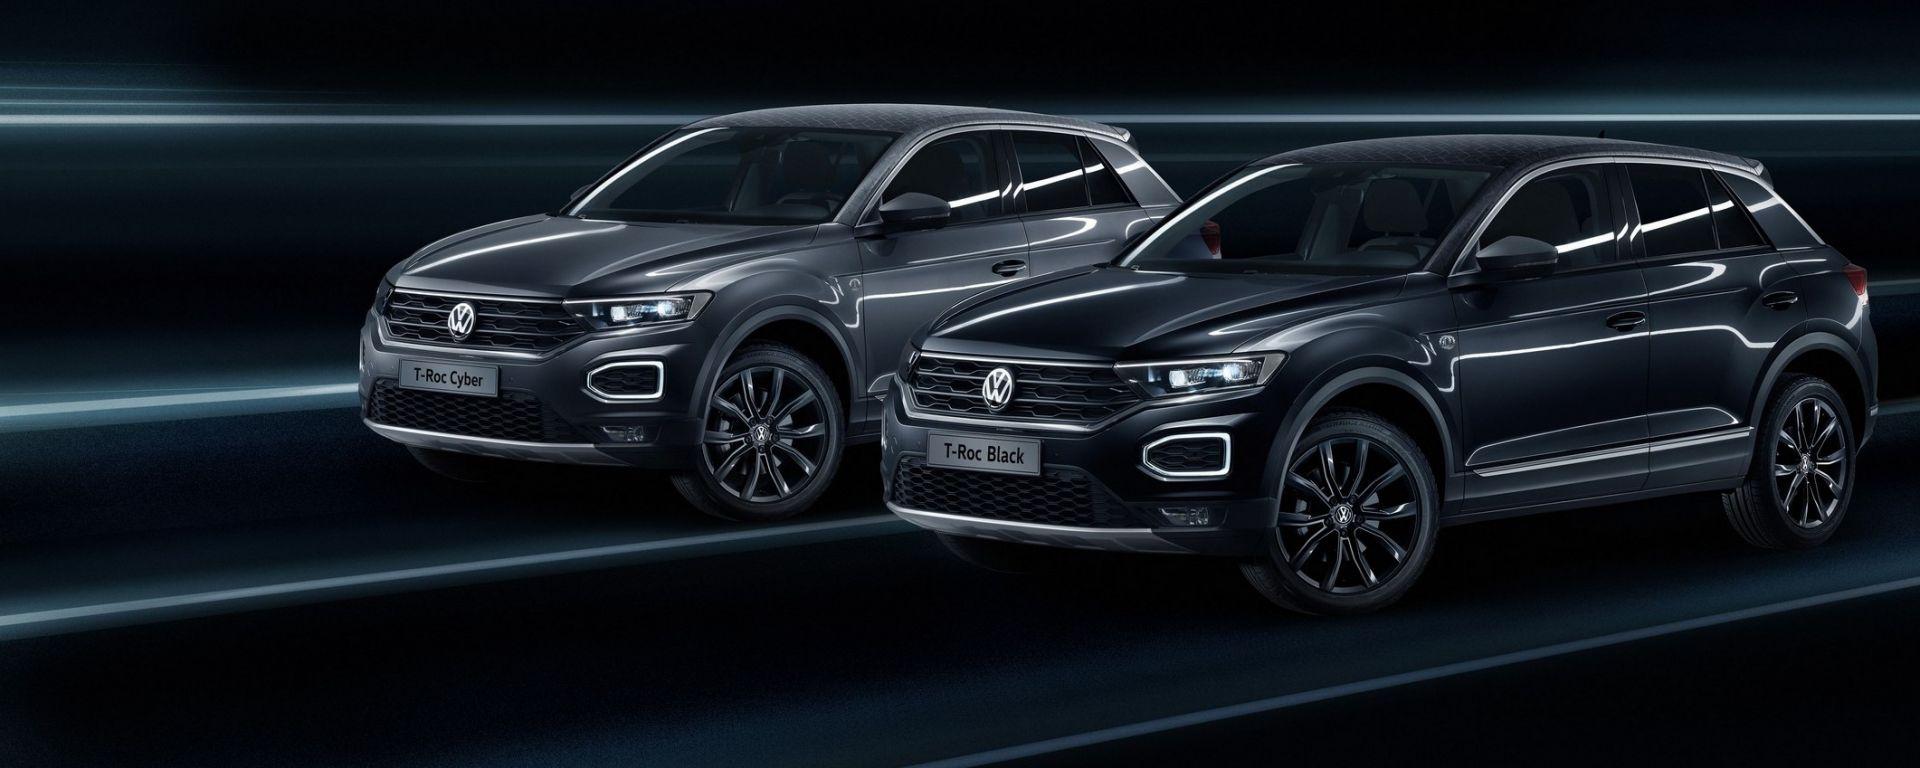 VW T-Roc Black e Cyber: i SUV di Lapo Elkann per Amazon